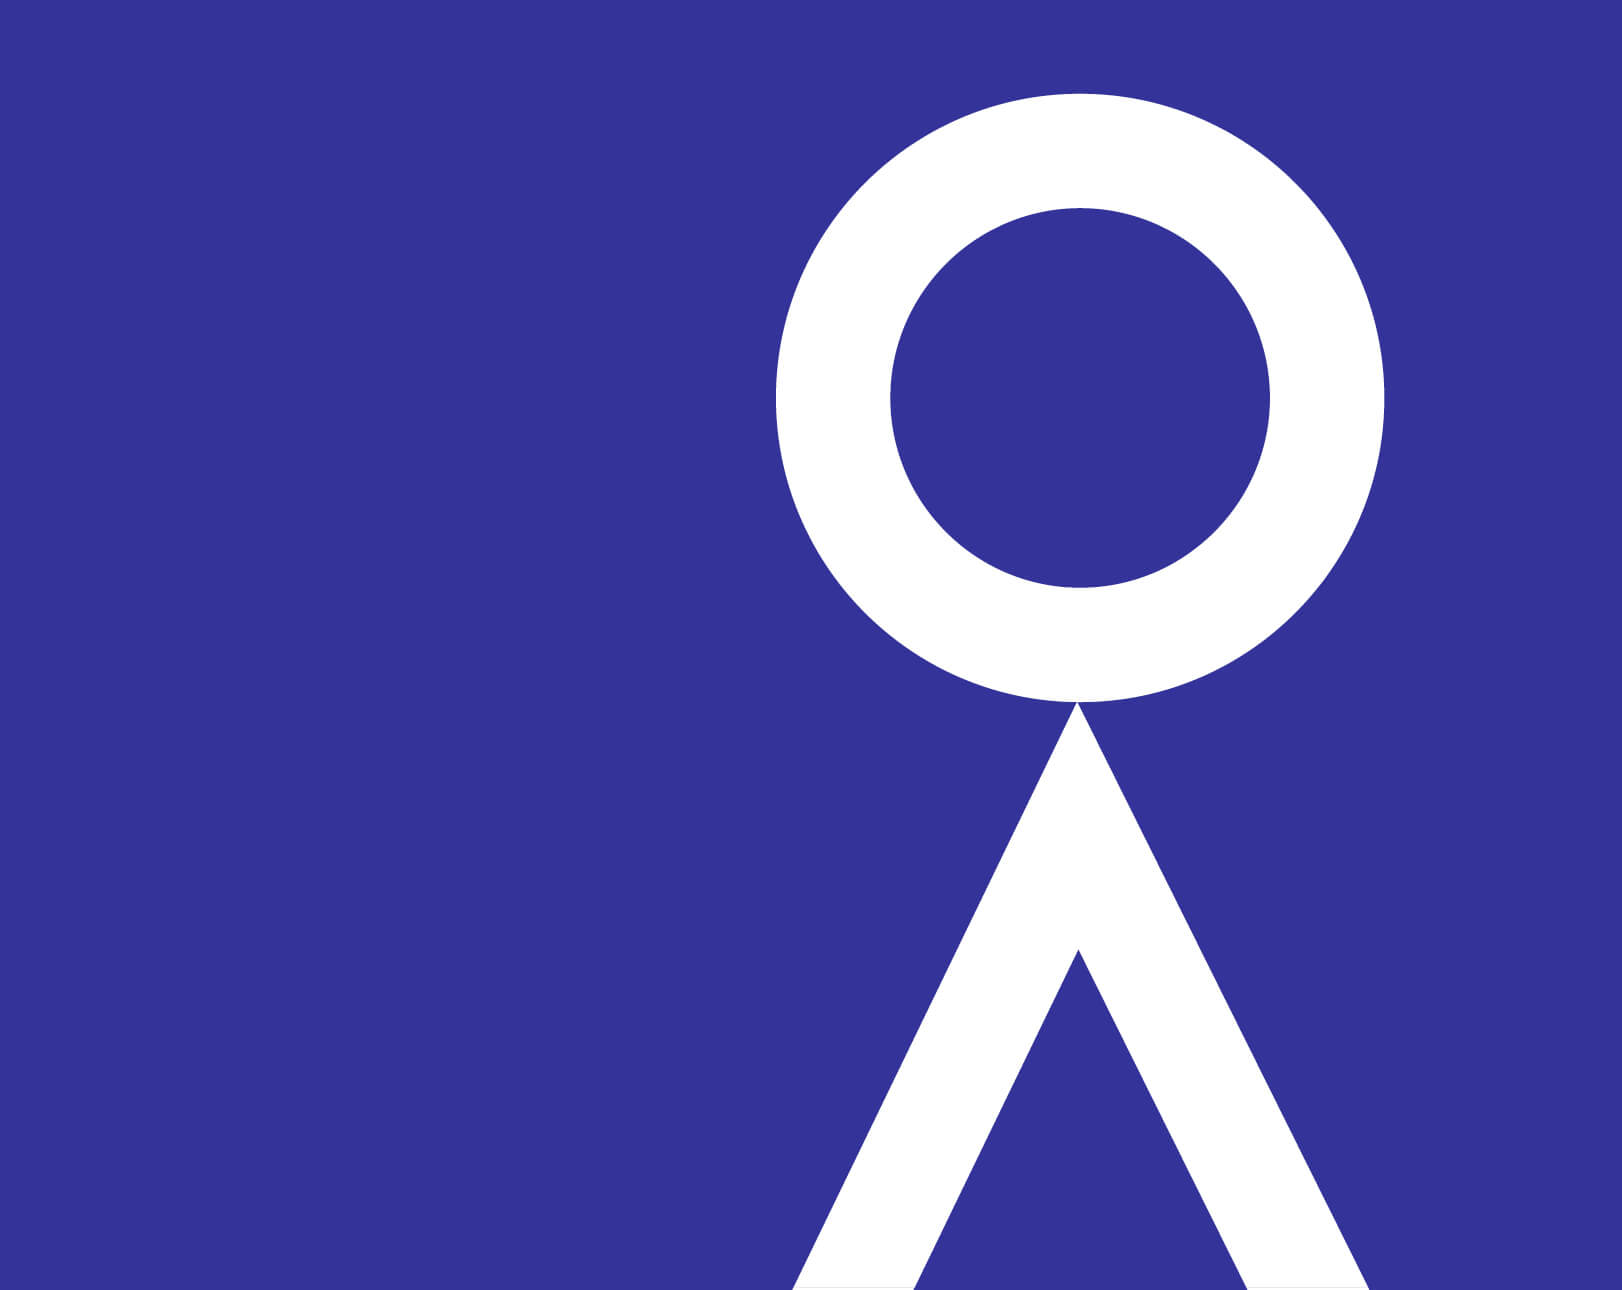 Proactif - Identité visuelle et site